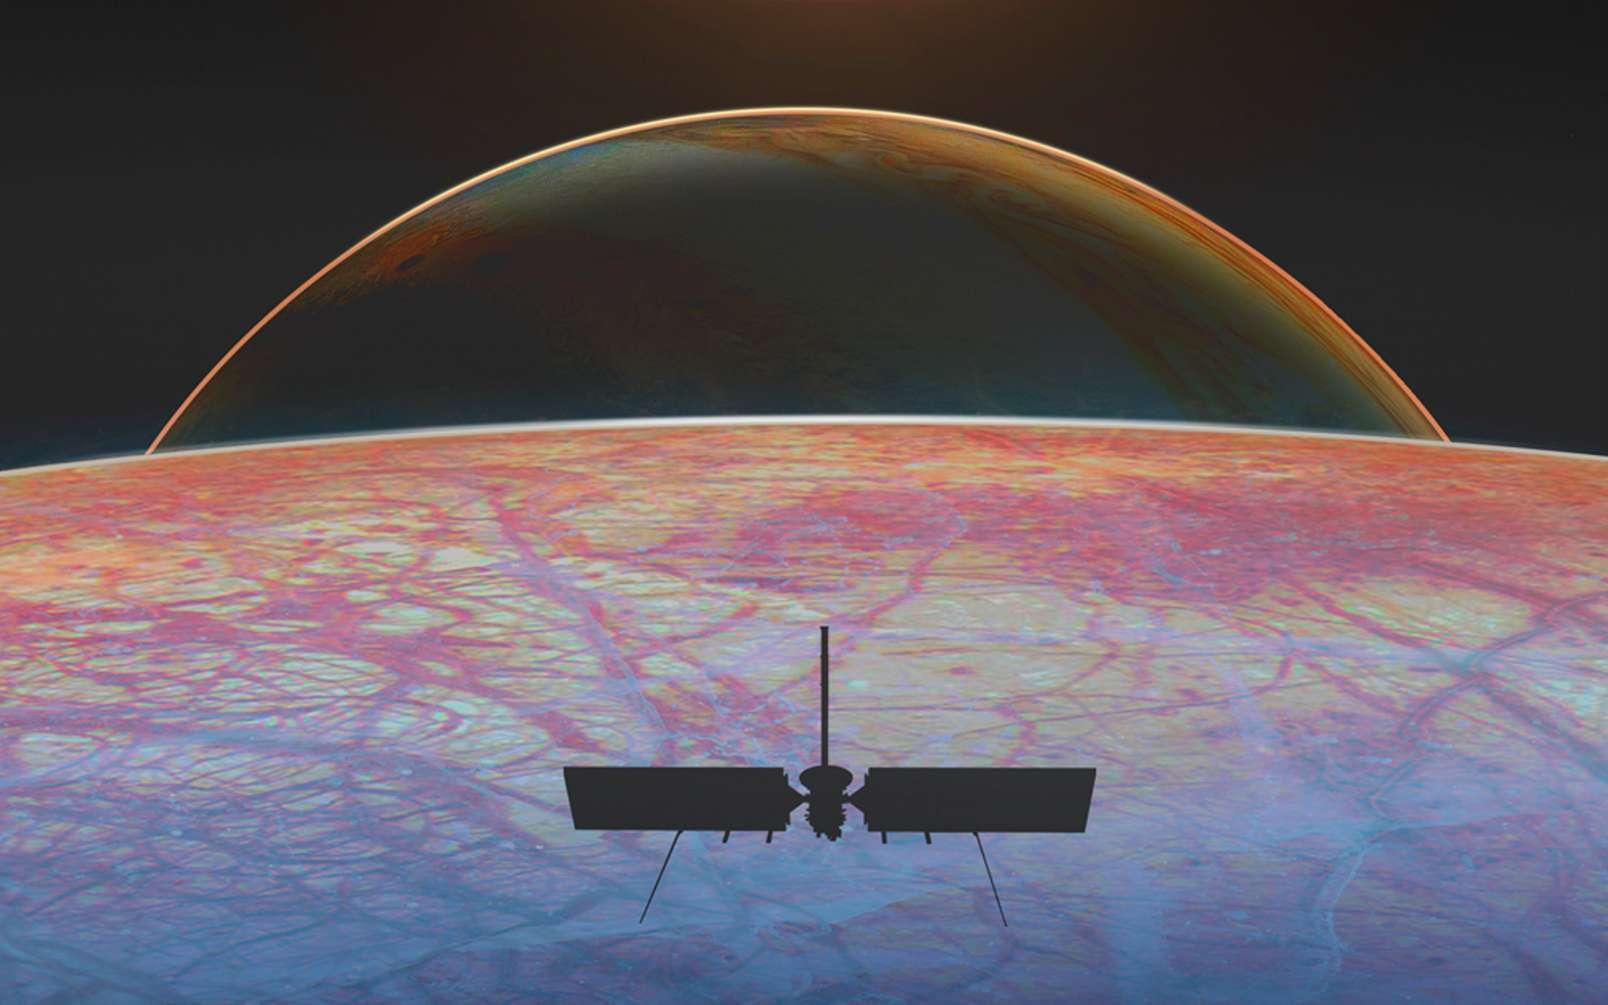 Une vue d'artiste de la mission Europa Clipper qui devrait être lancée au cours de cette décennie à destination d'Europe, la lune de Jupiter. © Nasa, Jet Propulsion Laboratory-Caltech